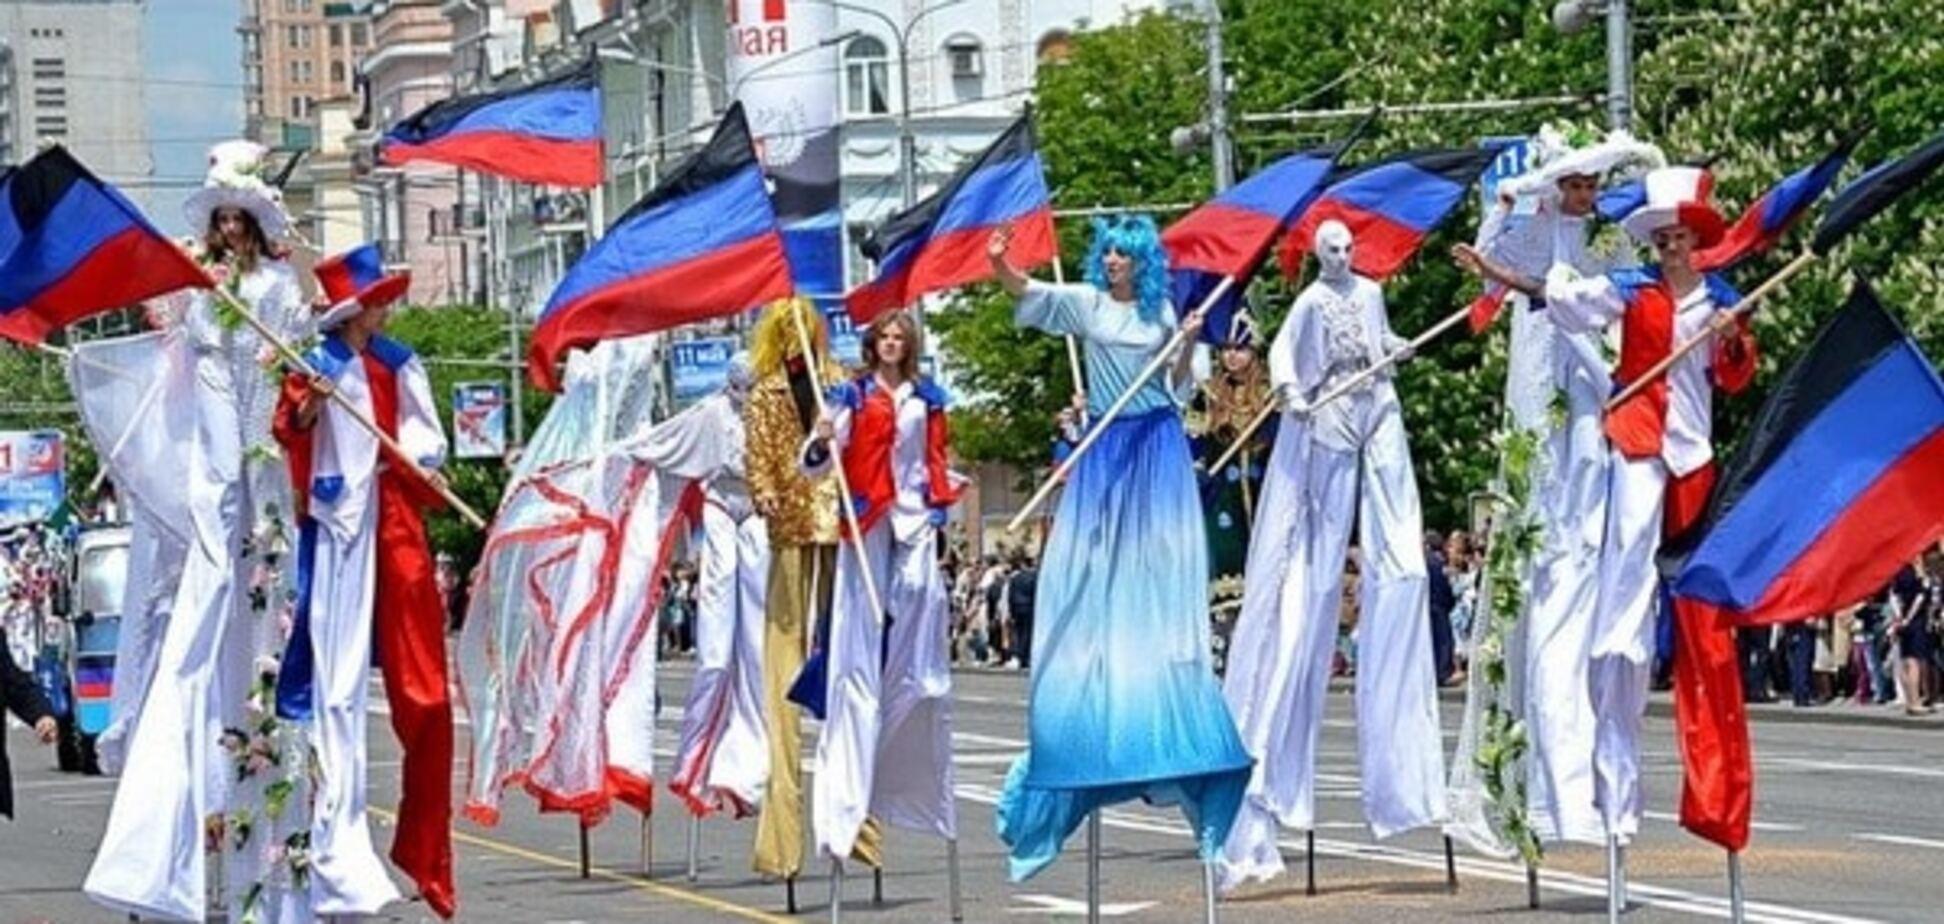 У 'ДНР' з'явилися сепаратисти на ходулях